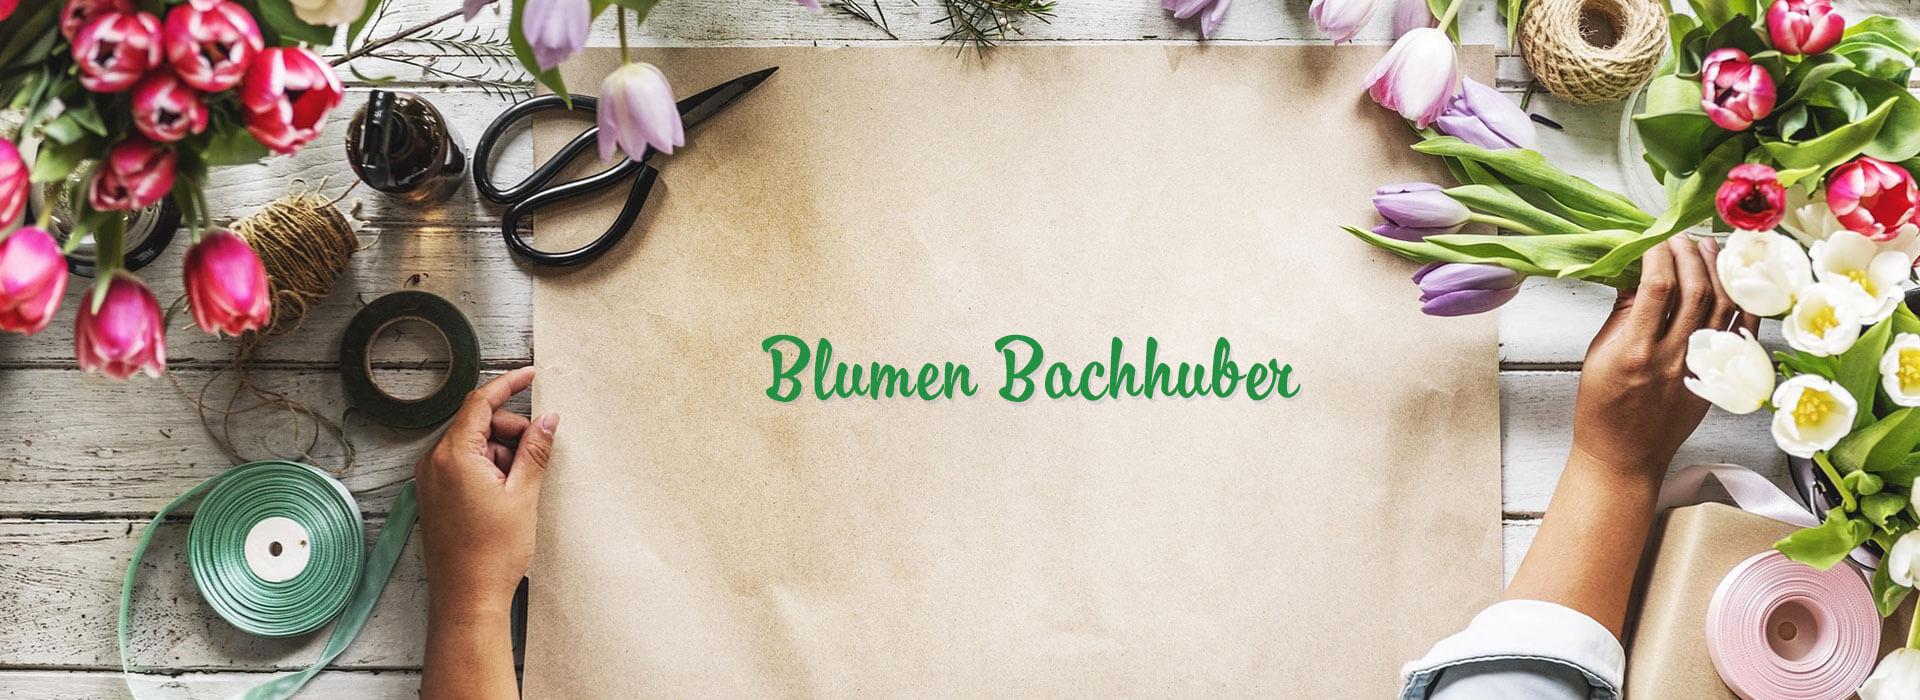 Blumen Bachhubers Florale Welten, Ihre Gärtnerei in Zwiesel